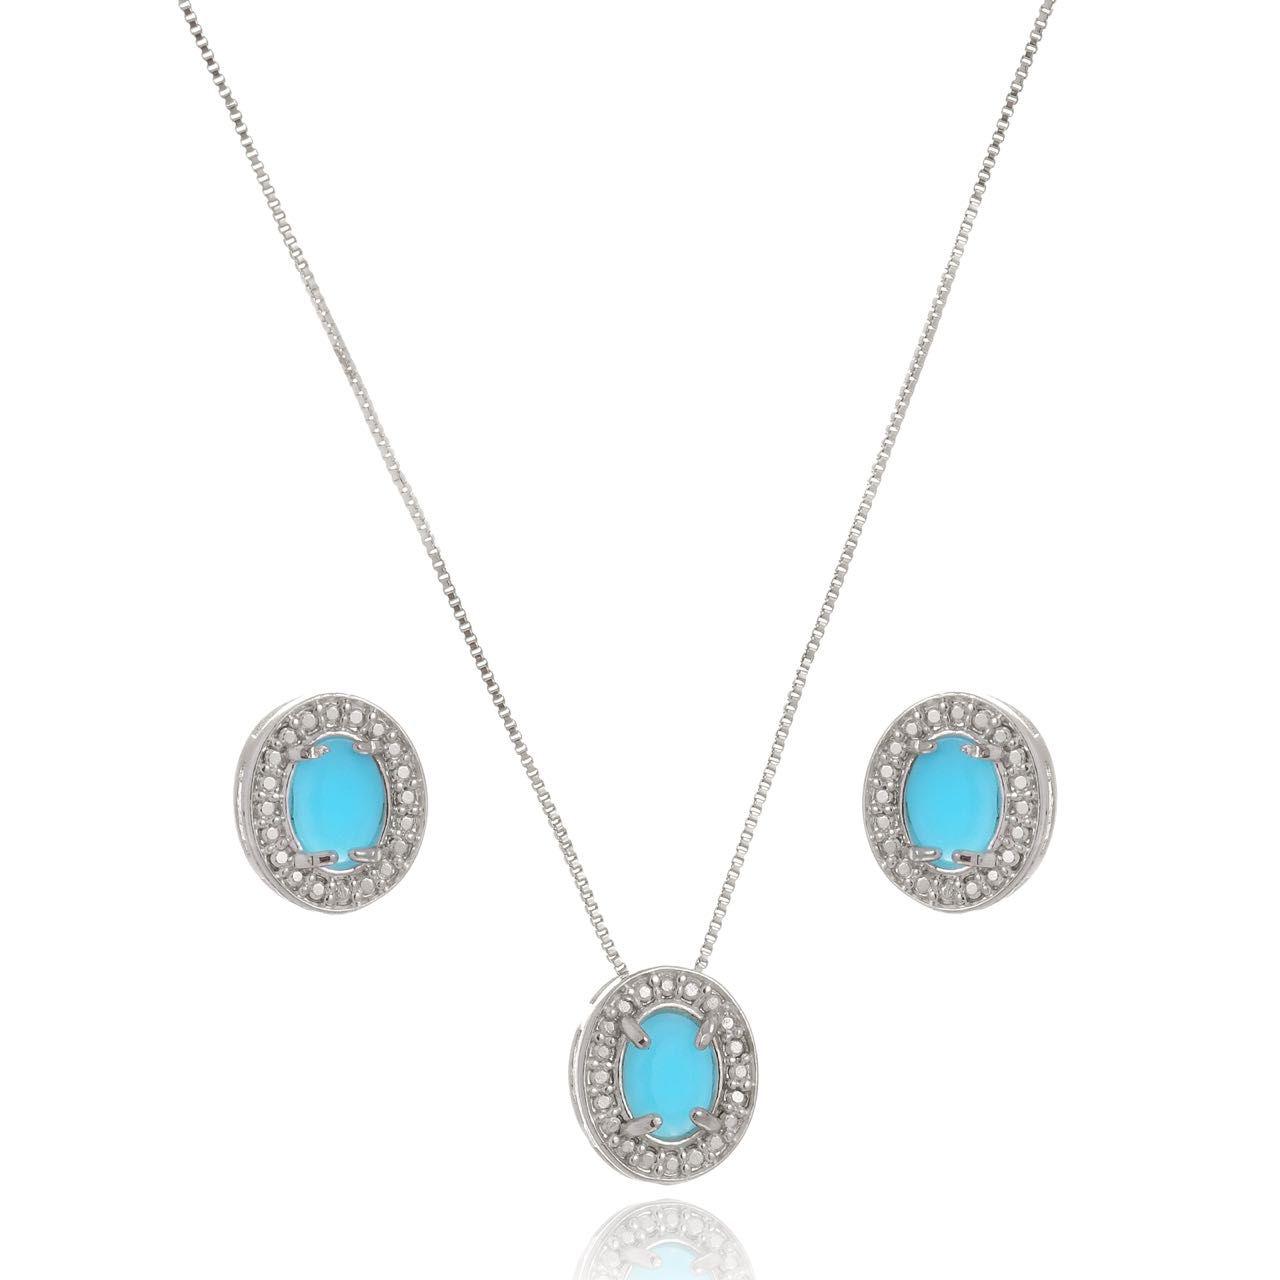 Conjunto Colar e Brinco Oval com Cristal Azul Folheado em Ródio Branco